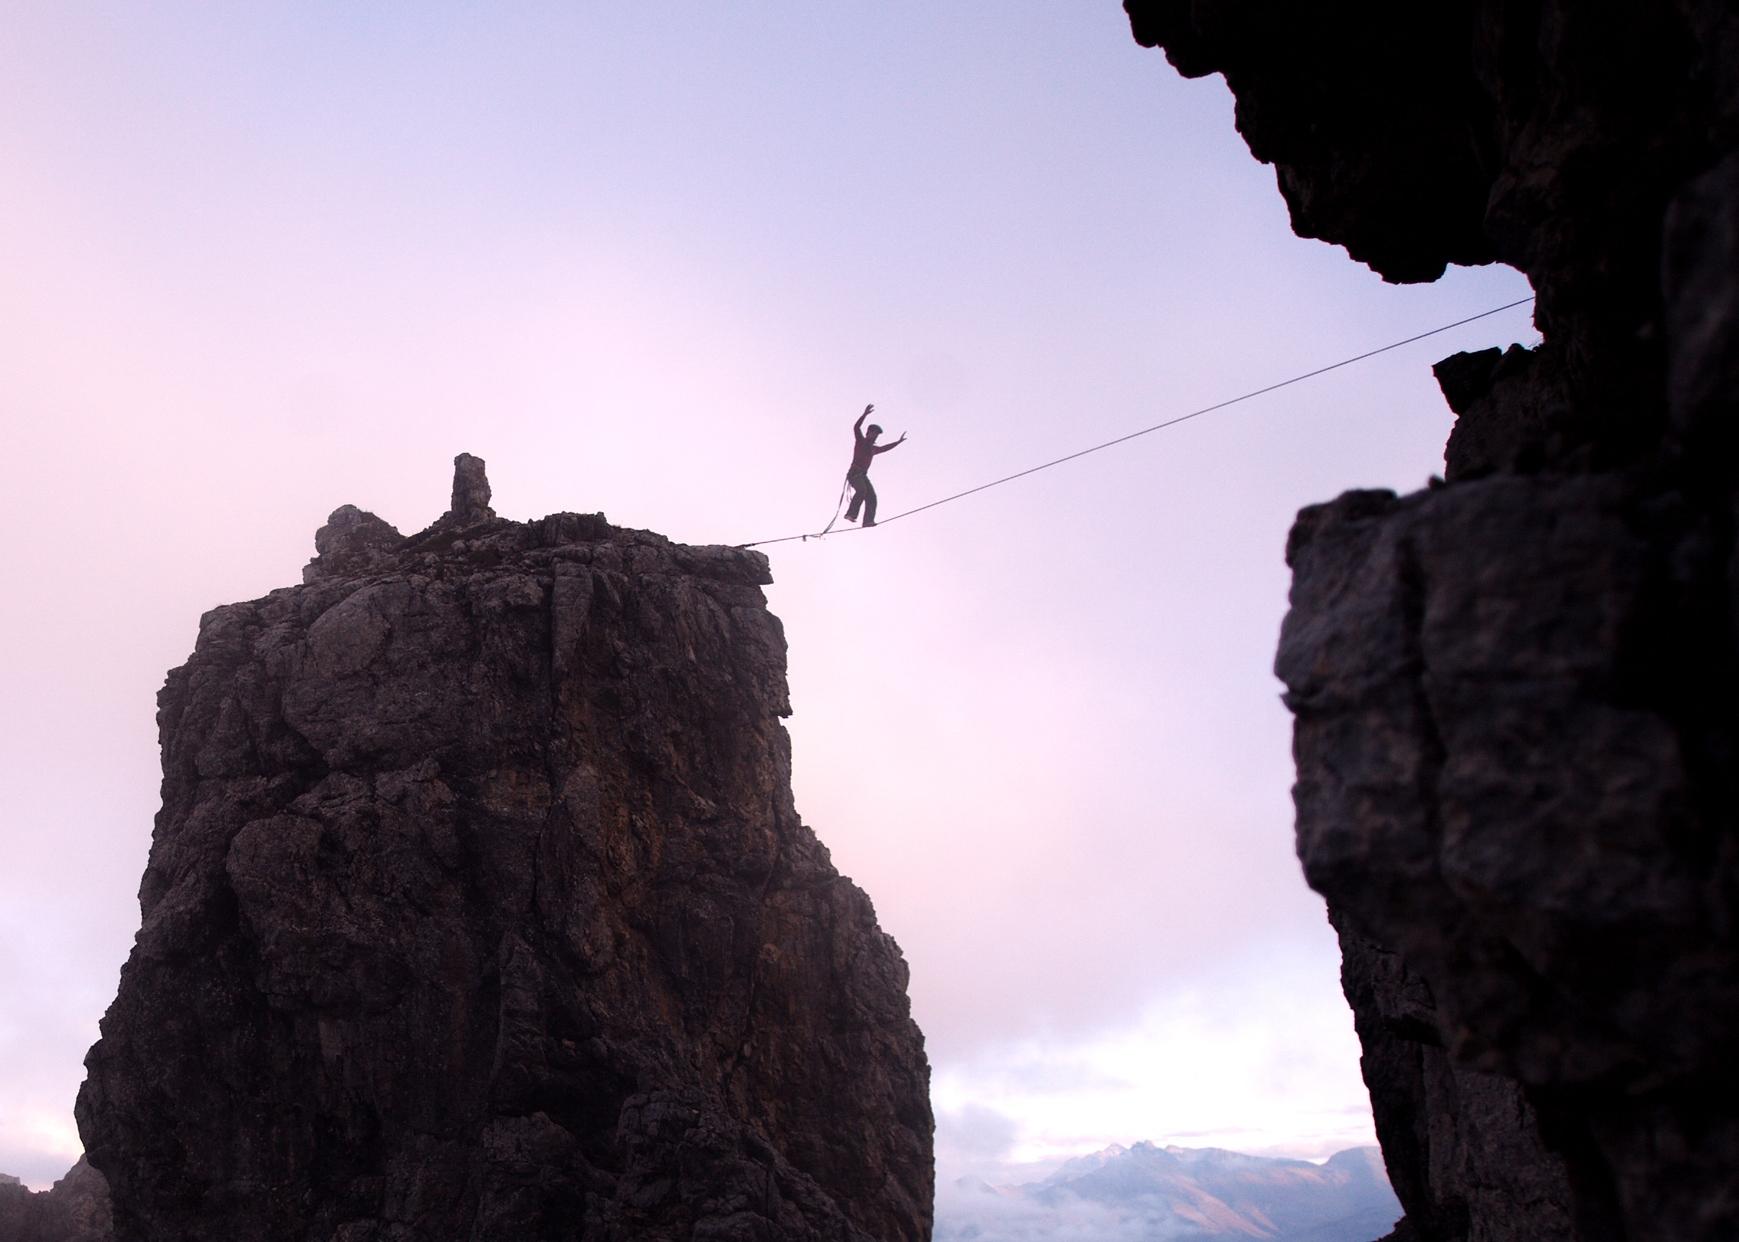 Bei dieser Begehung fehlte der flow. Er kam erst später. Simon Sirch  auf der Highline. Foto Christoph Jorda